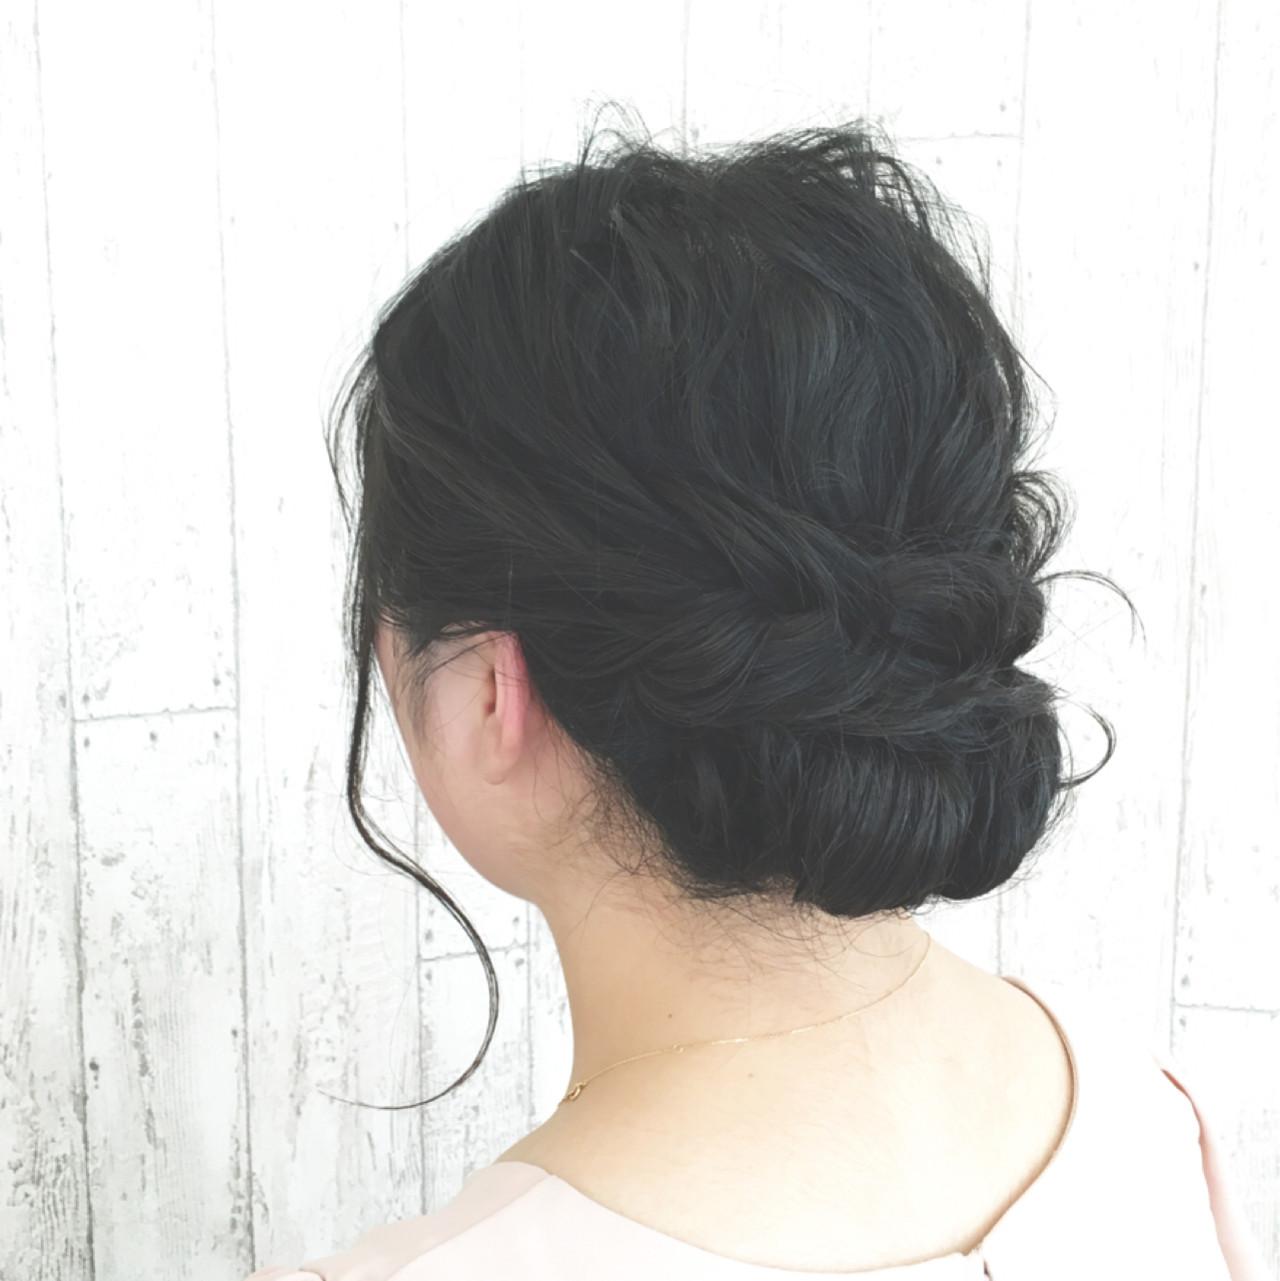 パーマ 黒髪 大人かわいい ヘアアレンジ ヘアスタイルや髪型の写真・画像 | SAKURA 村上 ゆうすけ / Lifesalon SAKURA